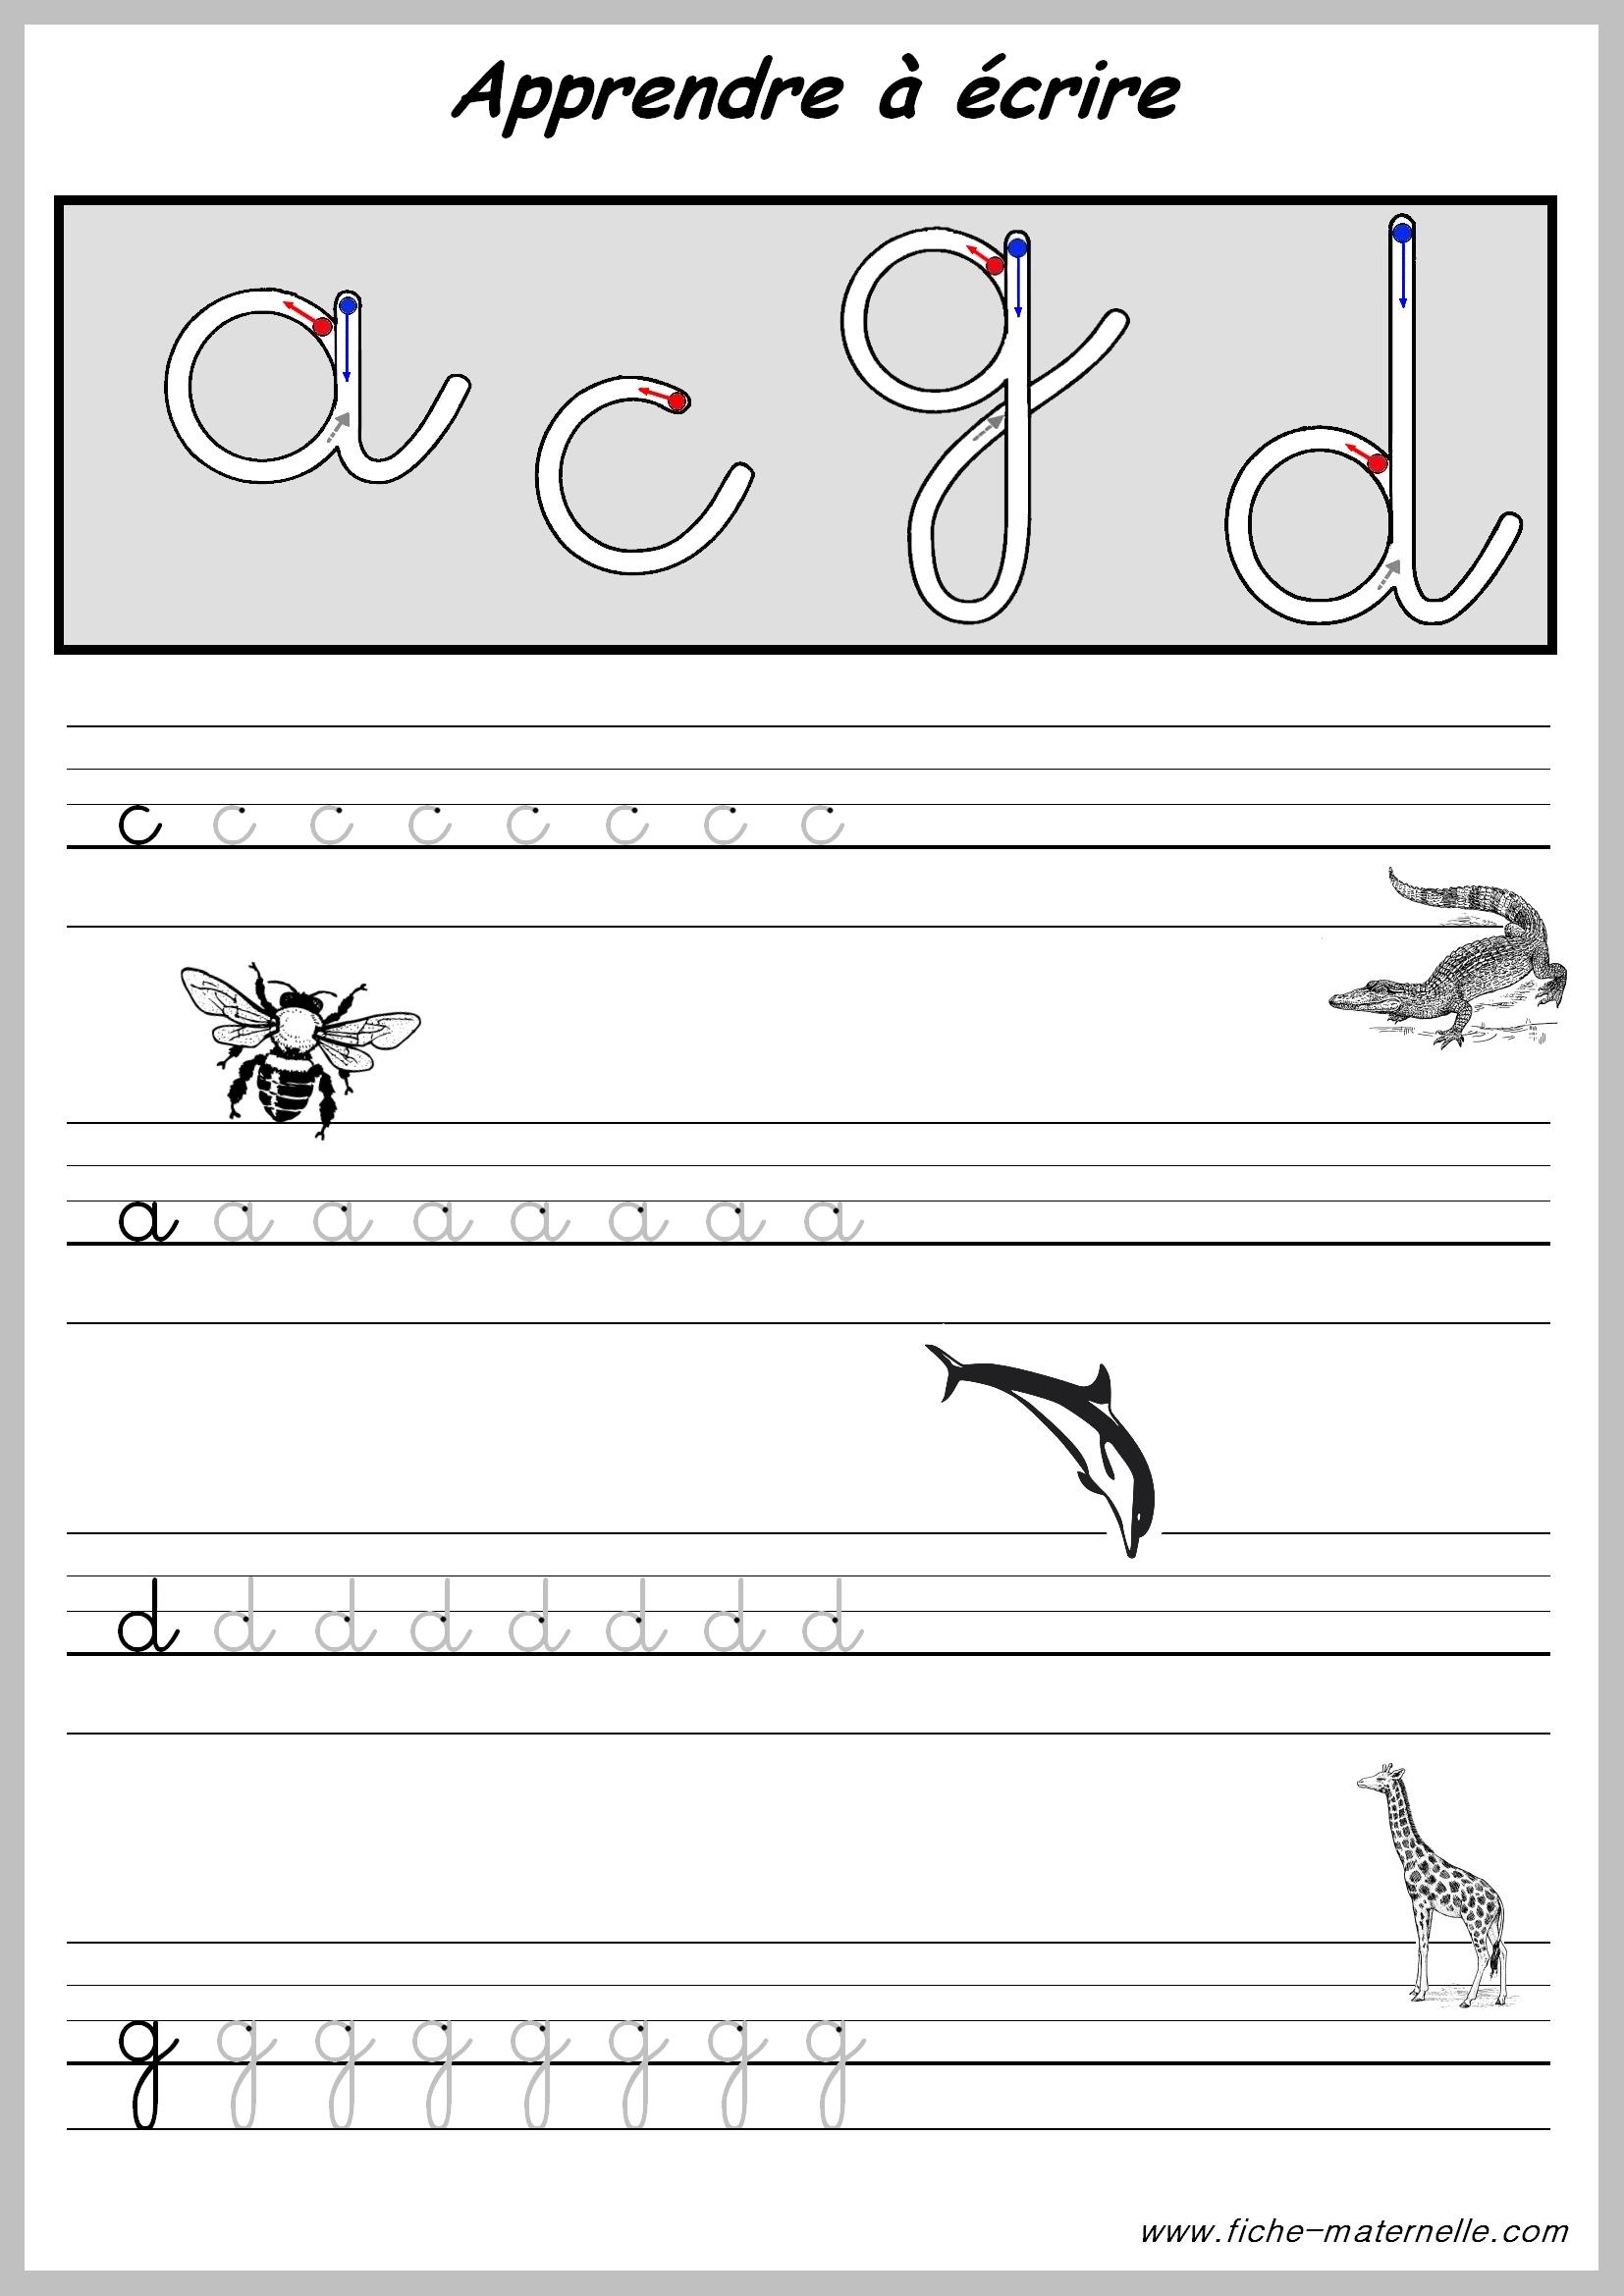 Exercices Pour Apprendre A Ecrire. dedans Apprendre A Ecrire L Alphabet